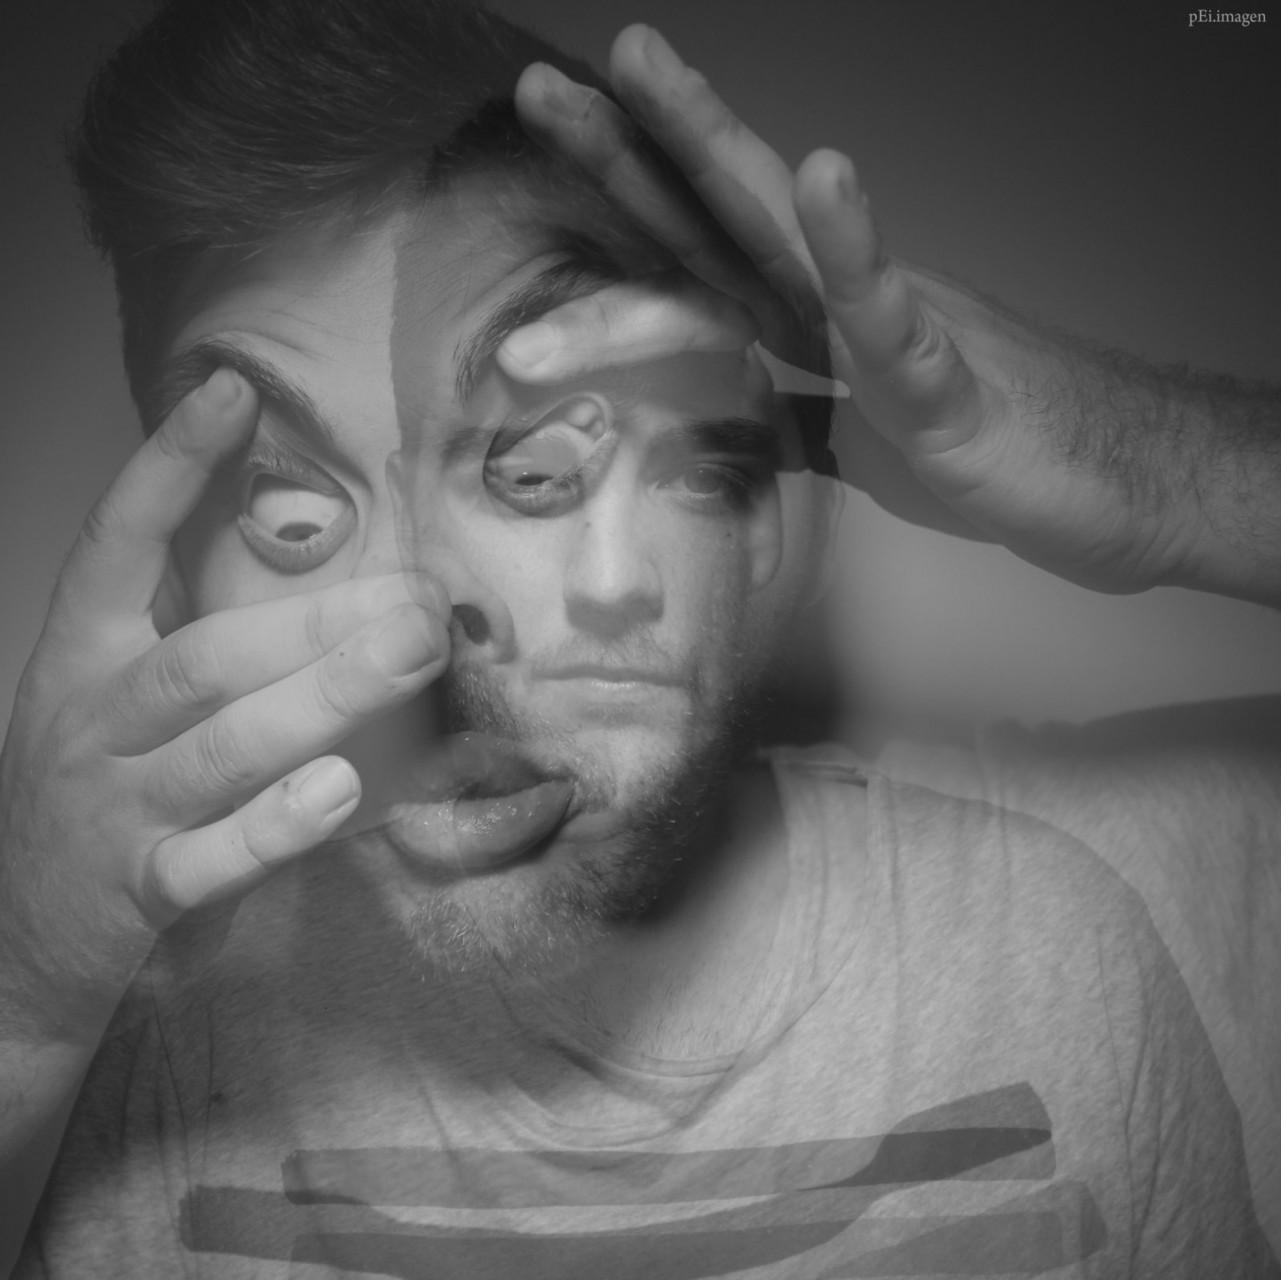 peipegata me myself I proyectos fotografia peipegatafotografia # 087 Antonio Moyano